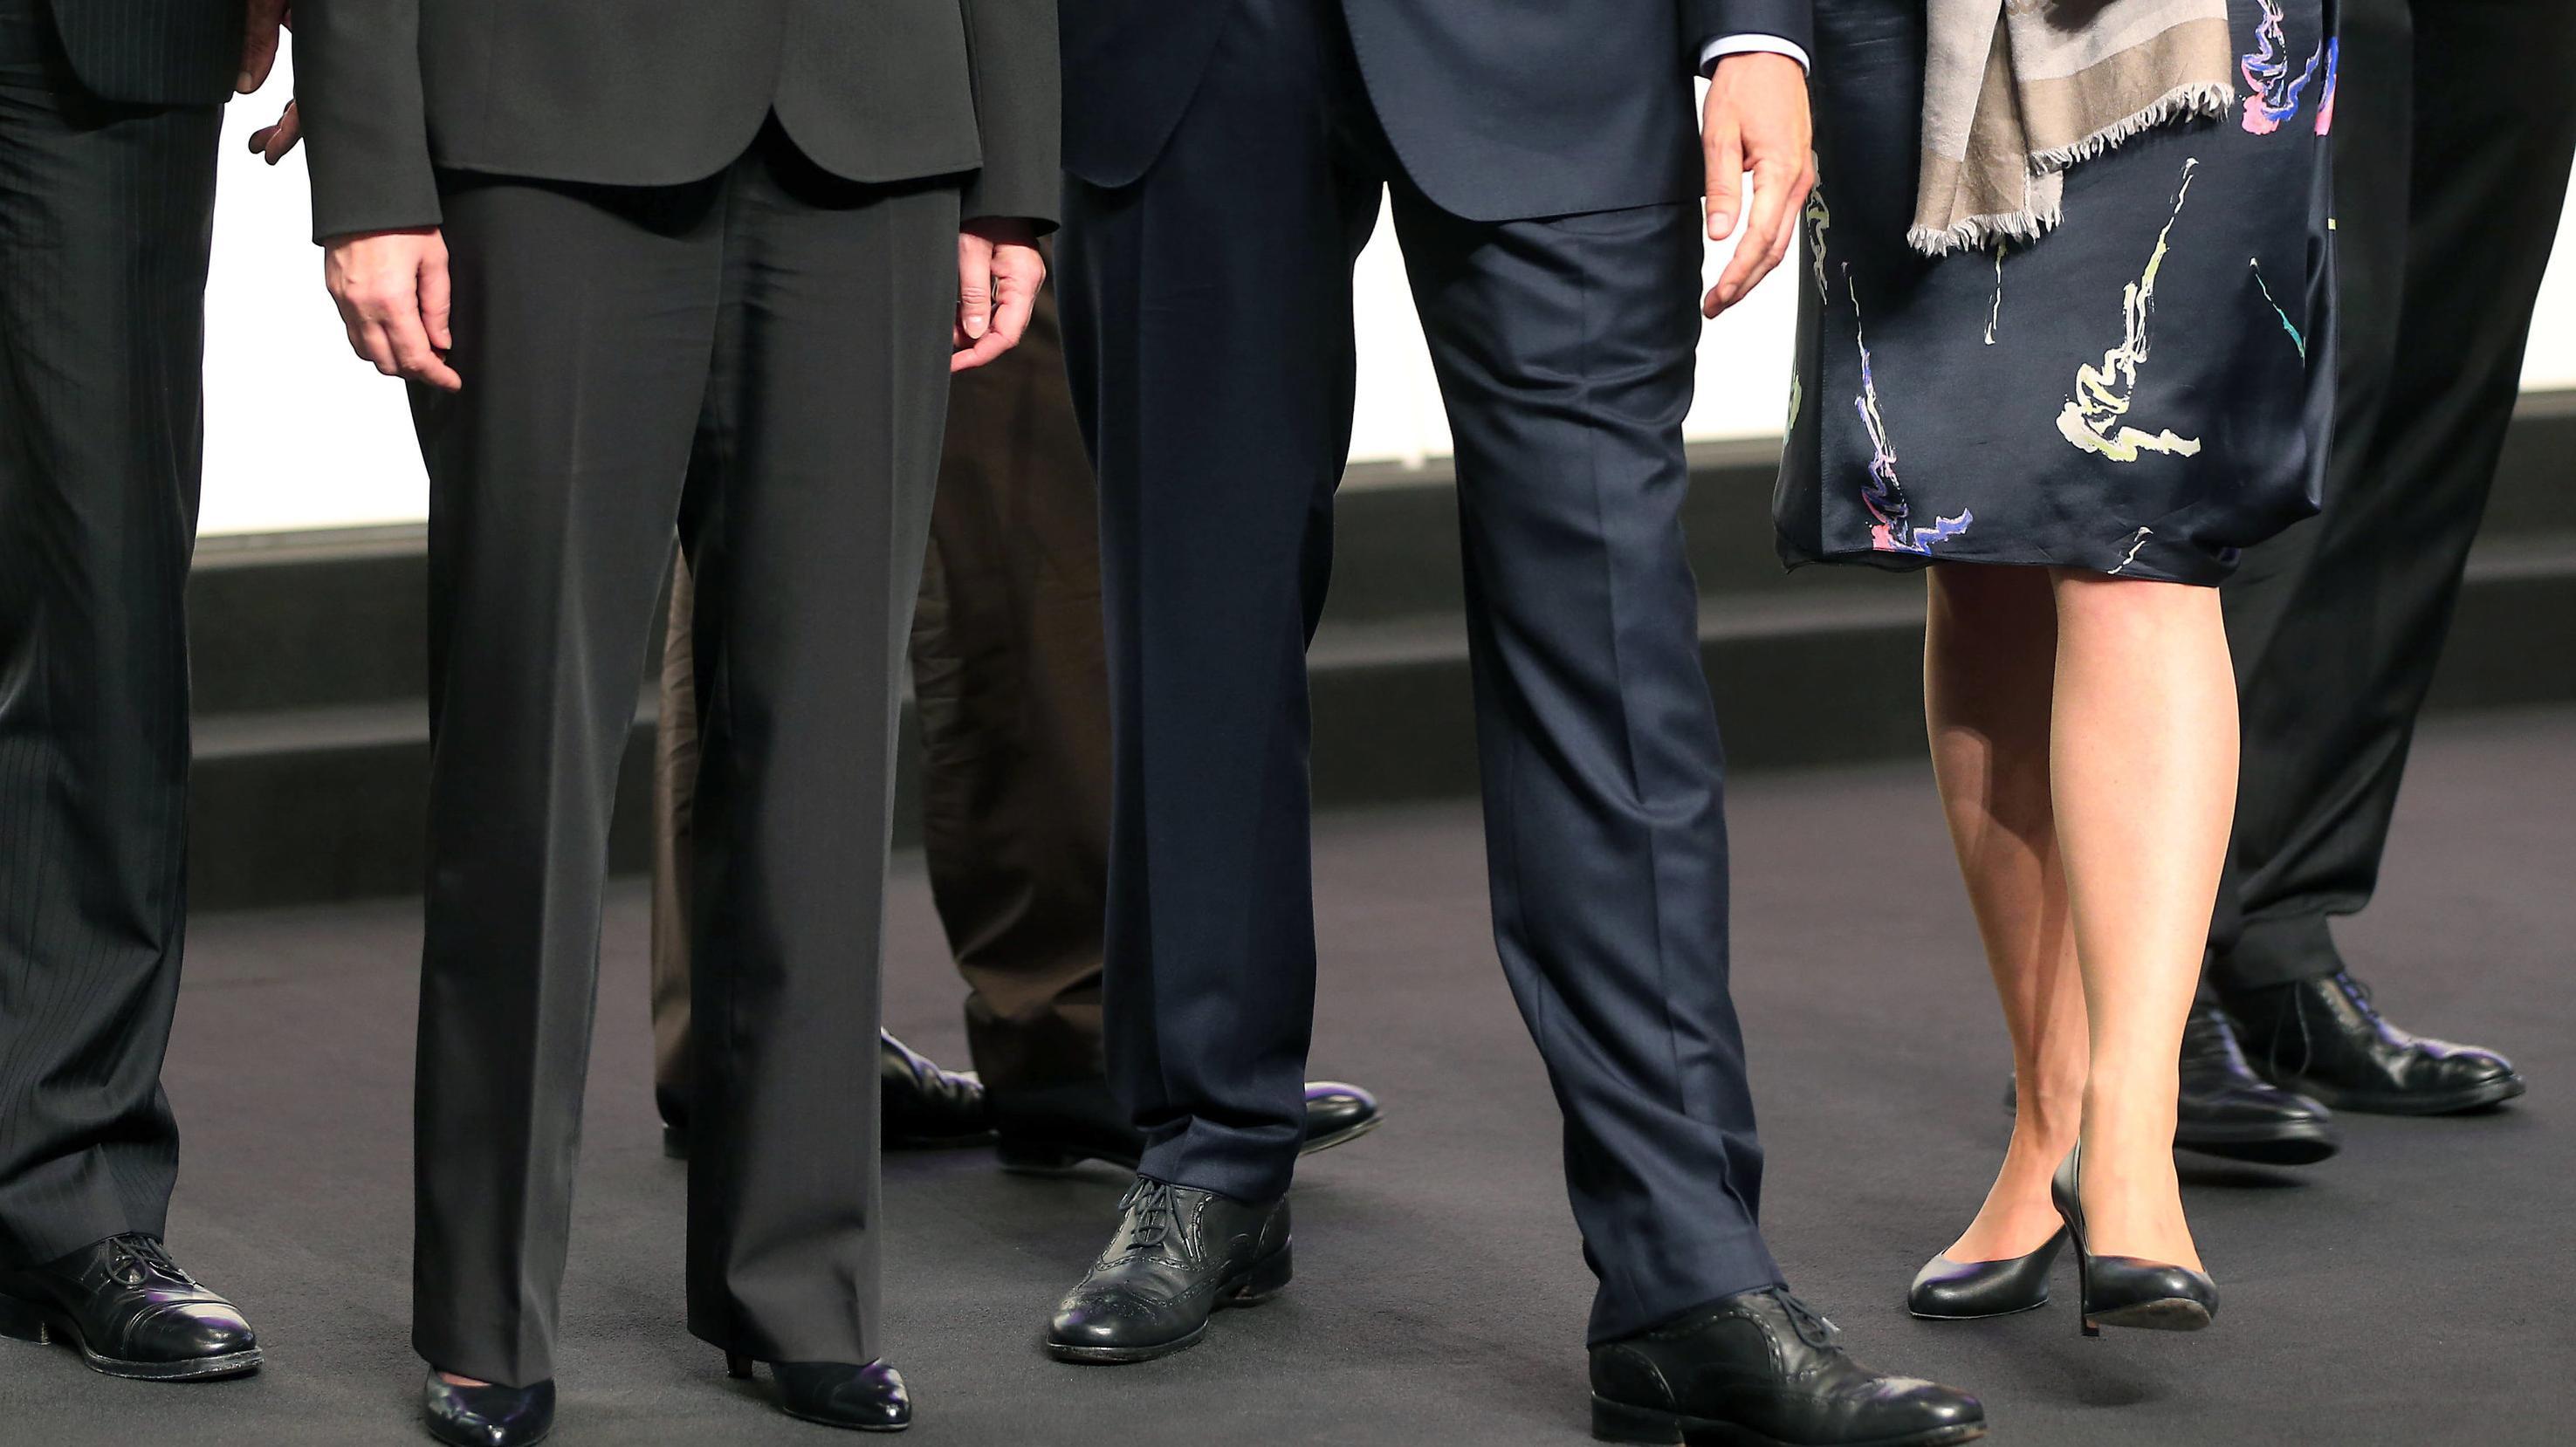 Die Beine von vier Männern in Anzügen und zwei Frauen in Kleid und Hosenanzug